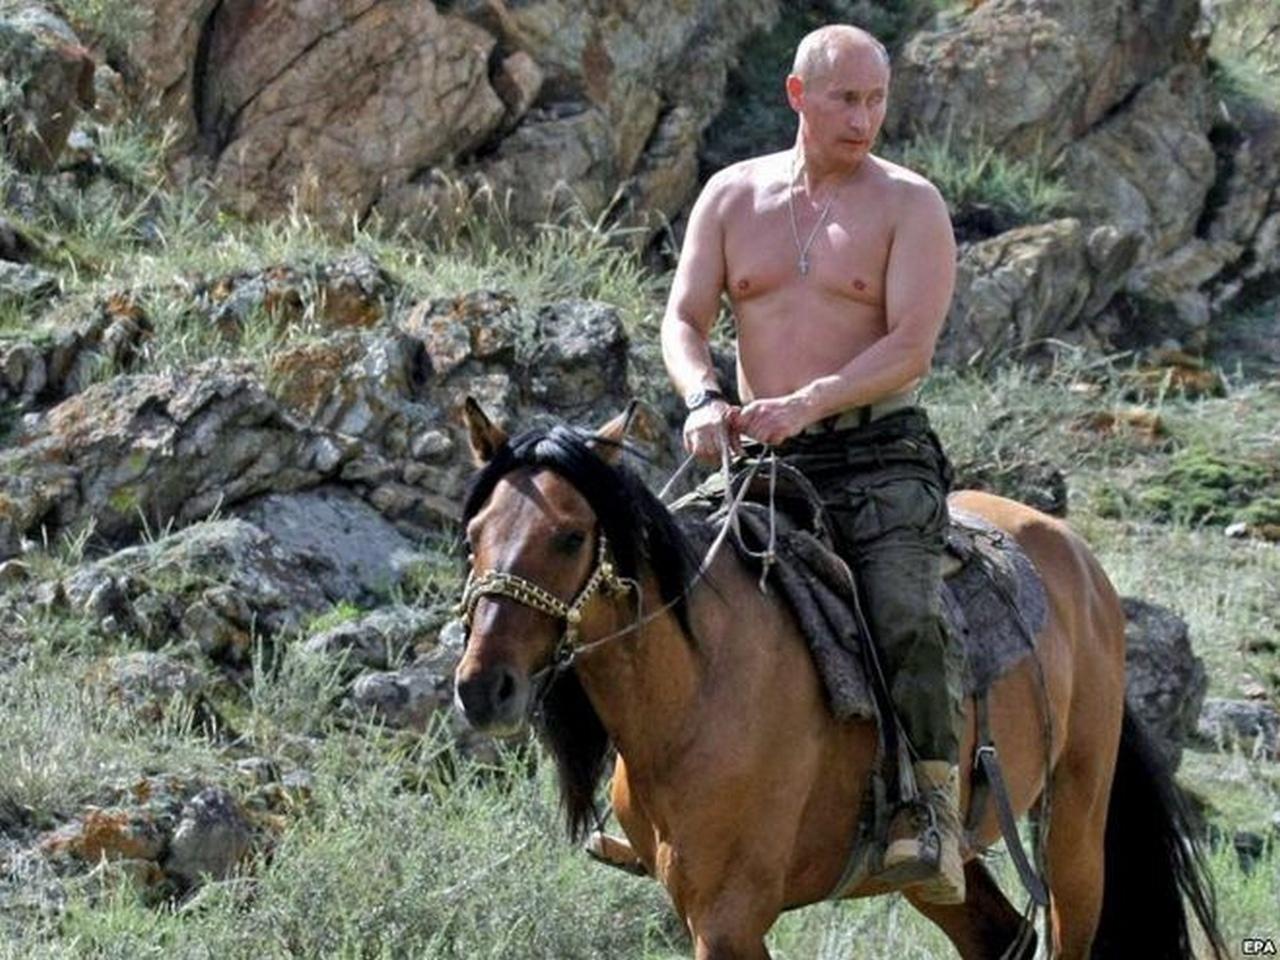 Голый торс Путина как отягчающее обстоятельство